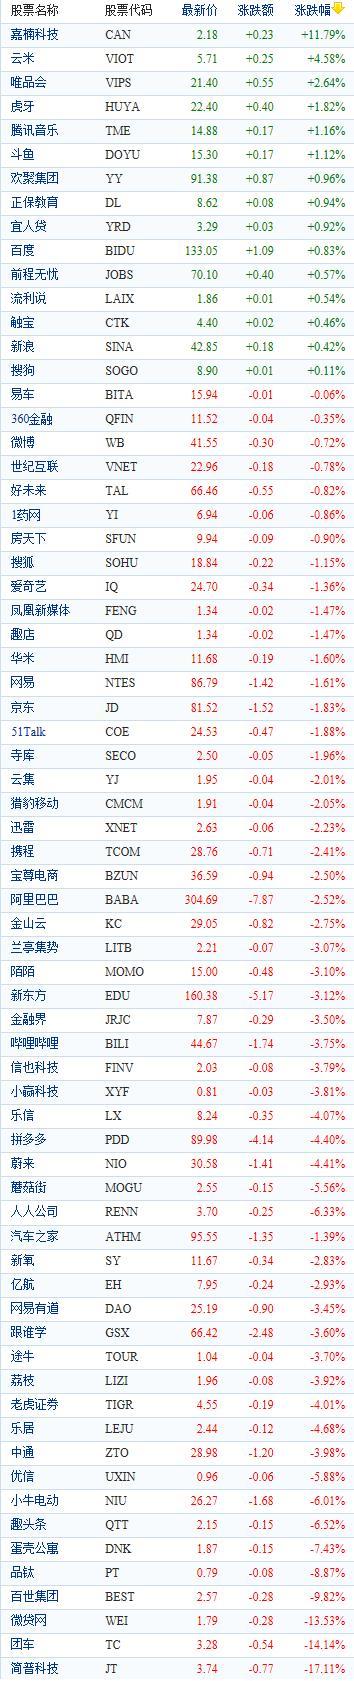 中国概念股周五收盘多数下跌 嘉楠科技逆势大涨近12%